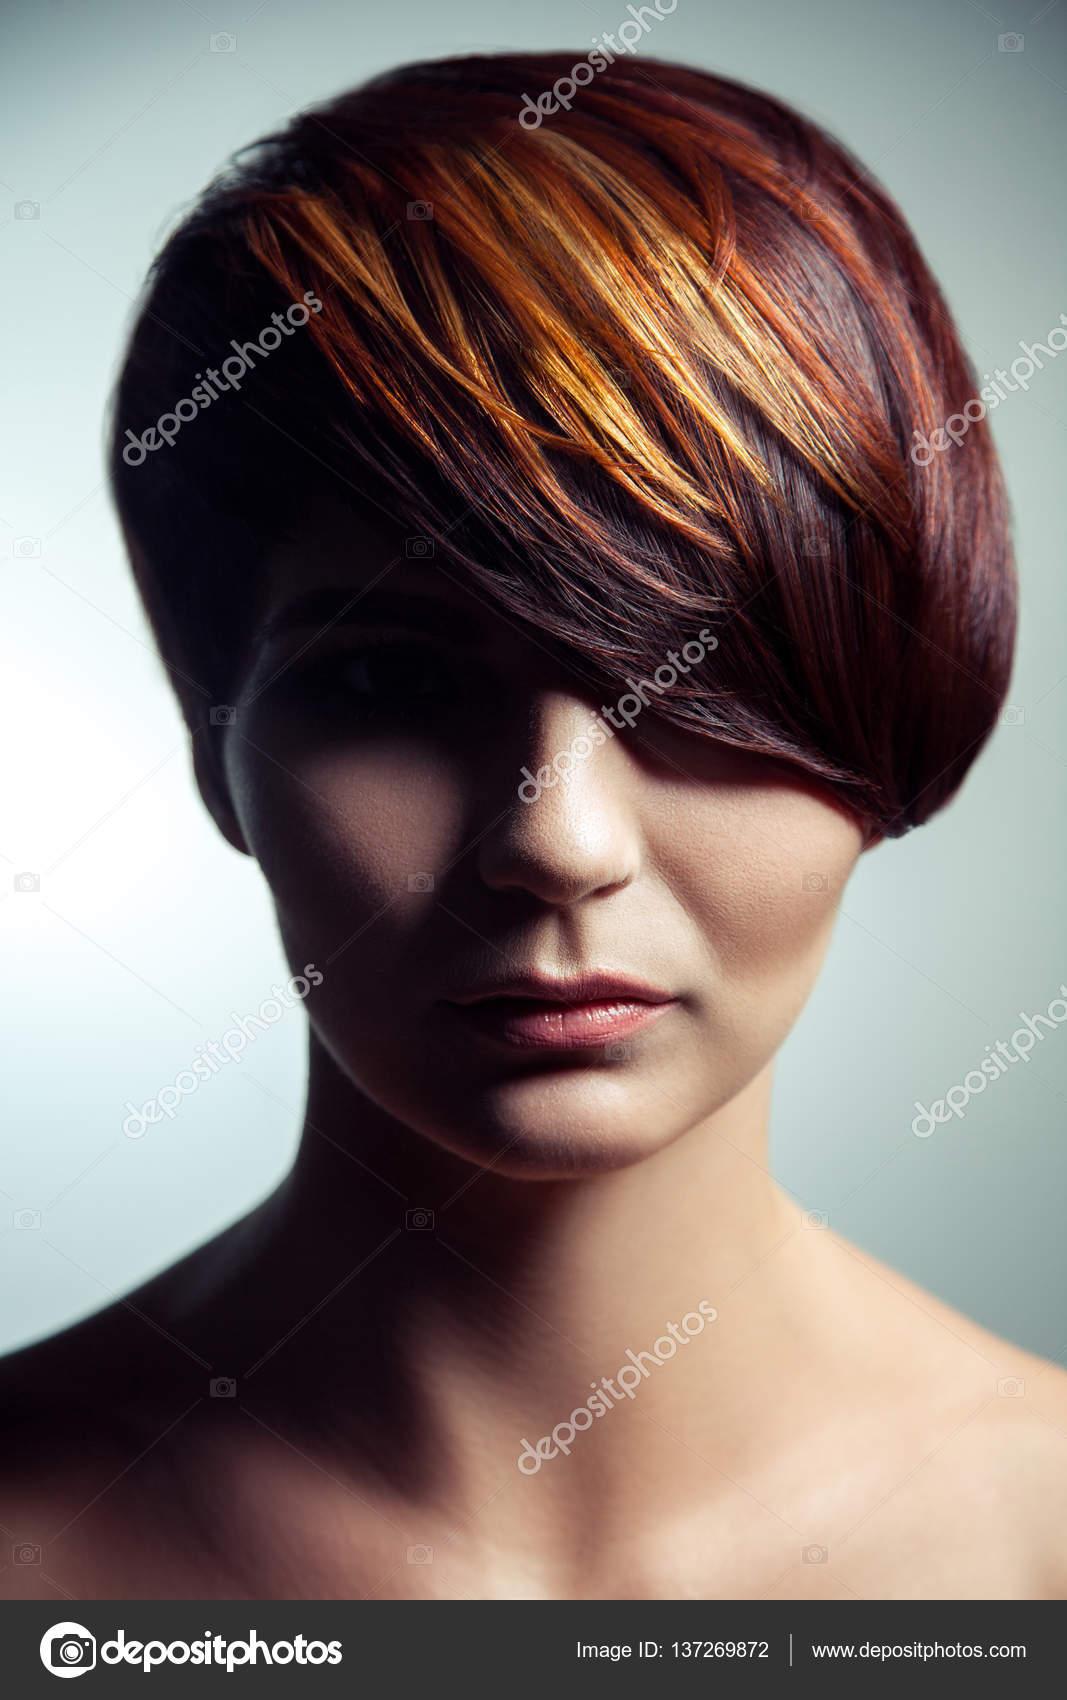 Mode Porträt Eines Schönen Mädchens Mit Farbigen Gefärbte